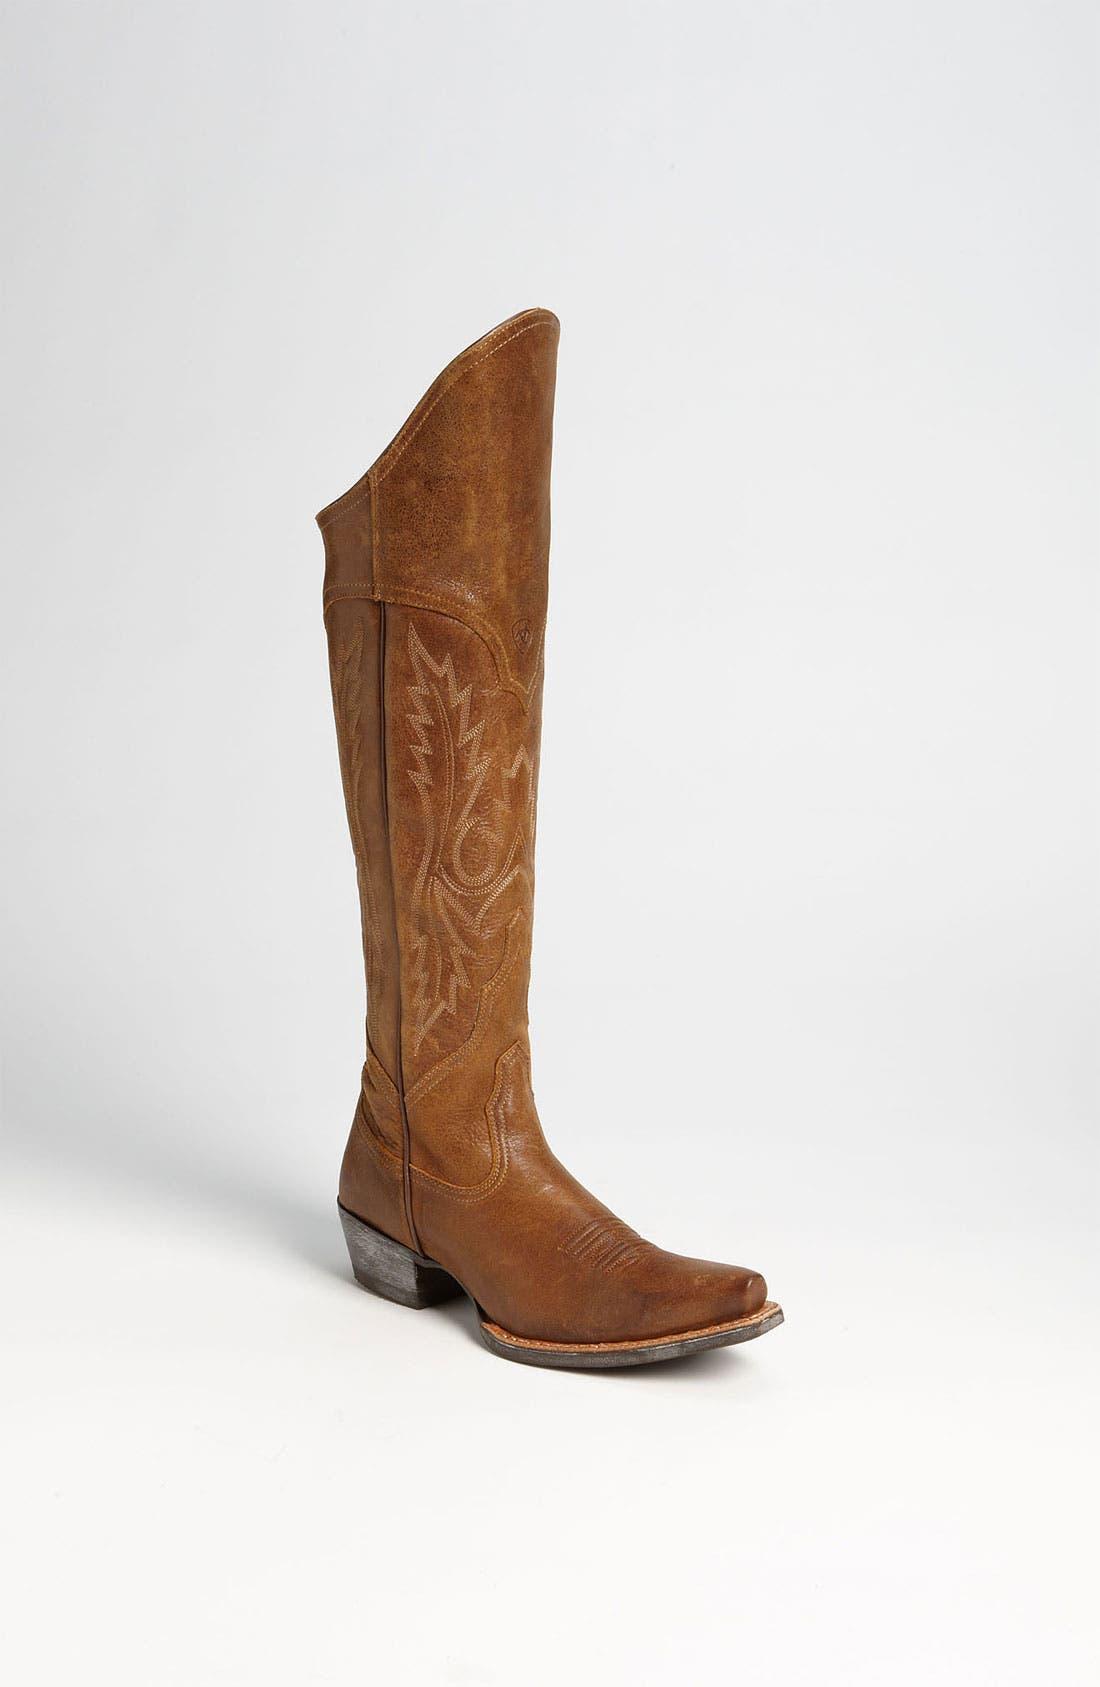 Main Image - Ariat 'Murrietta' Boot